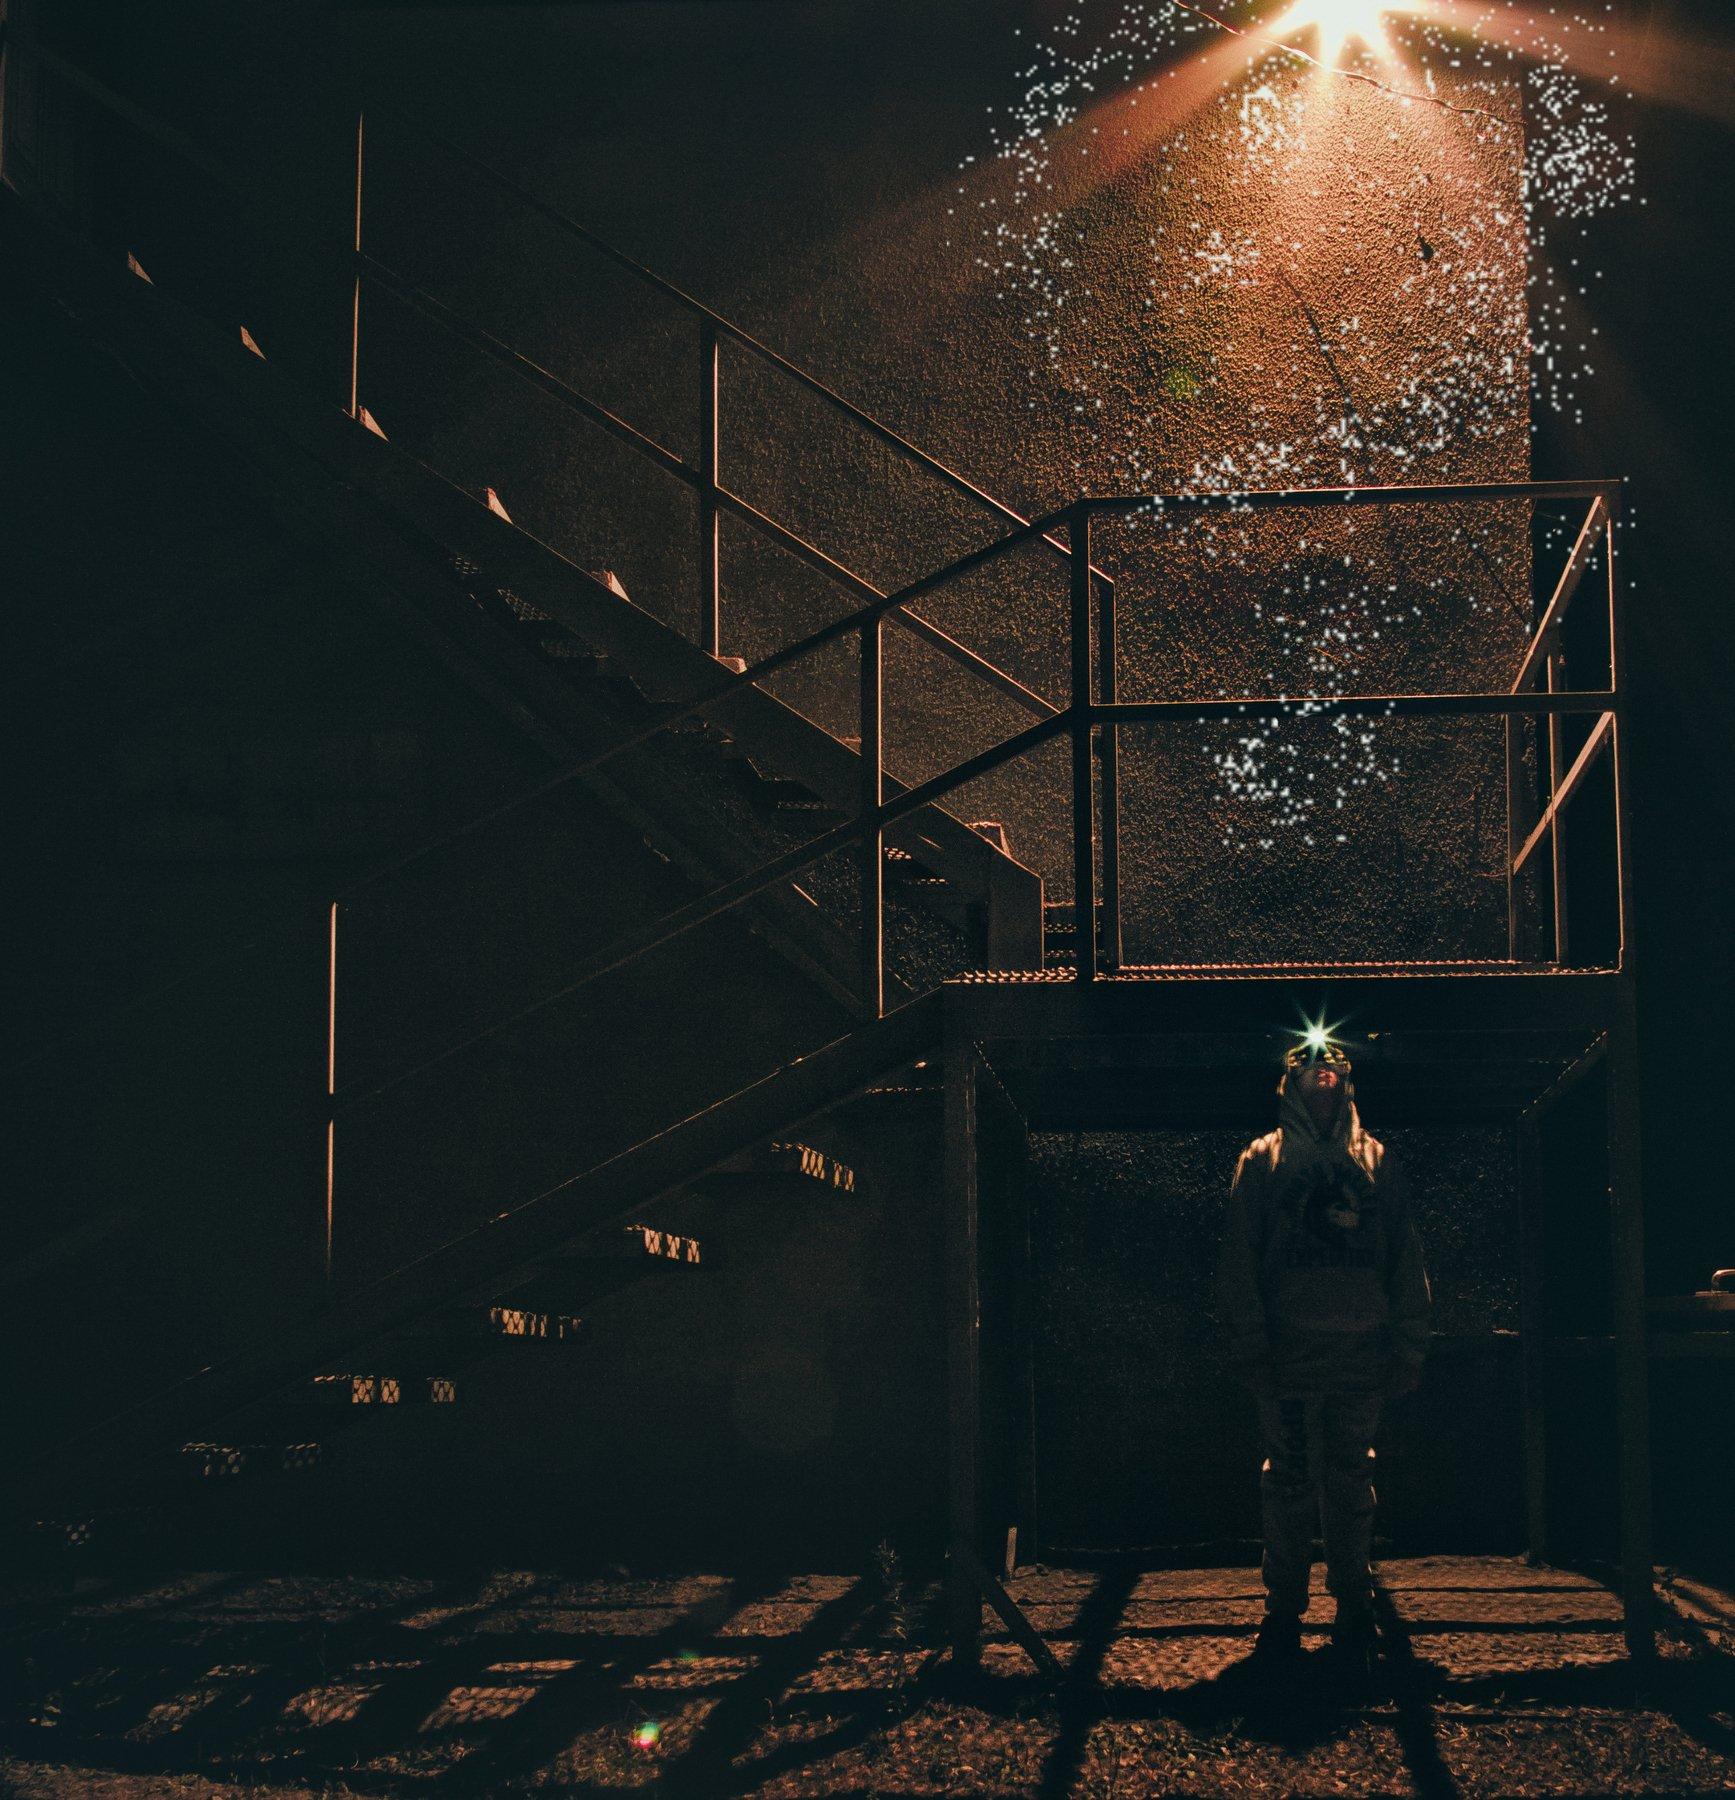 мальчик, ребенок, свет, улица, фонарь, лестница, , Наталья Голубева